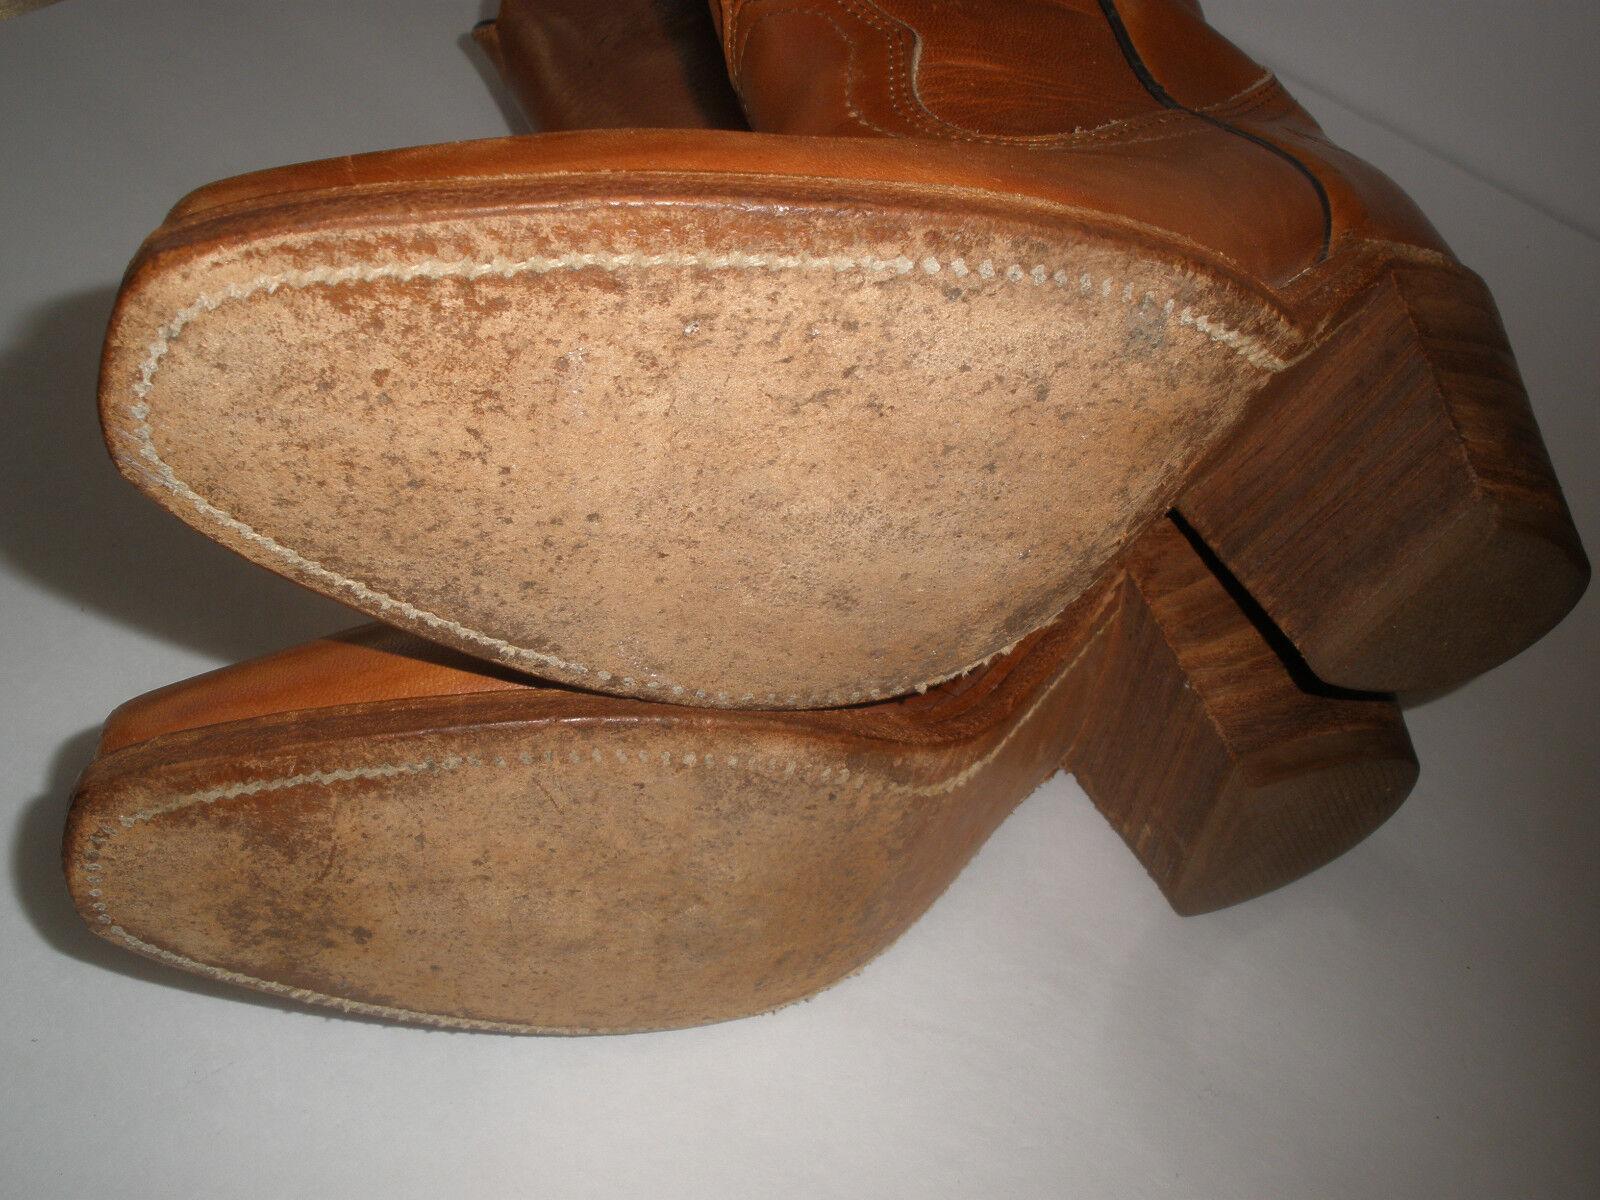 Frye Cowgirl botas De Hot Cuero Talle Us 5.5 Hot De Vintage Hecho En Usa cd24f3